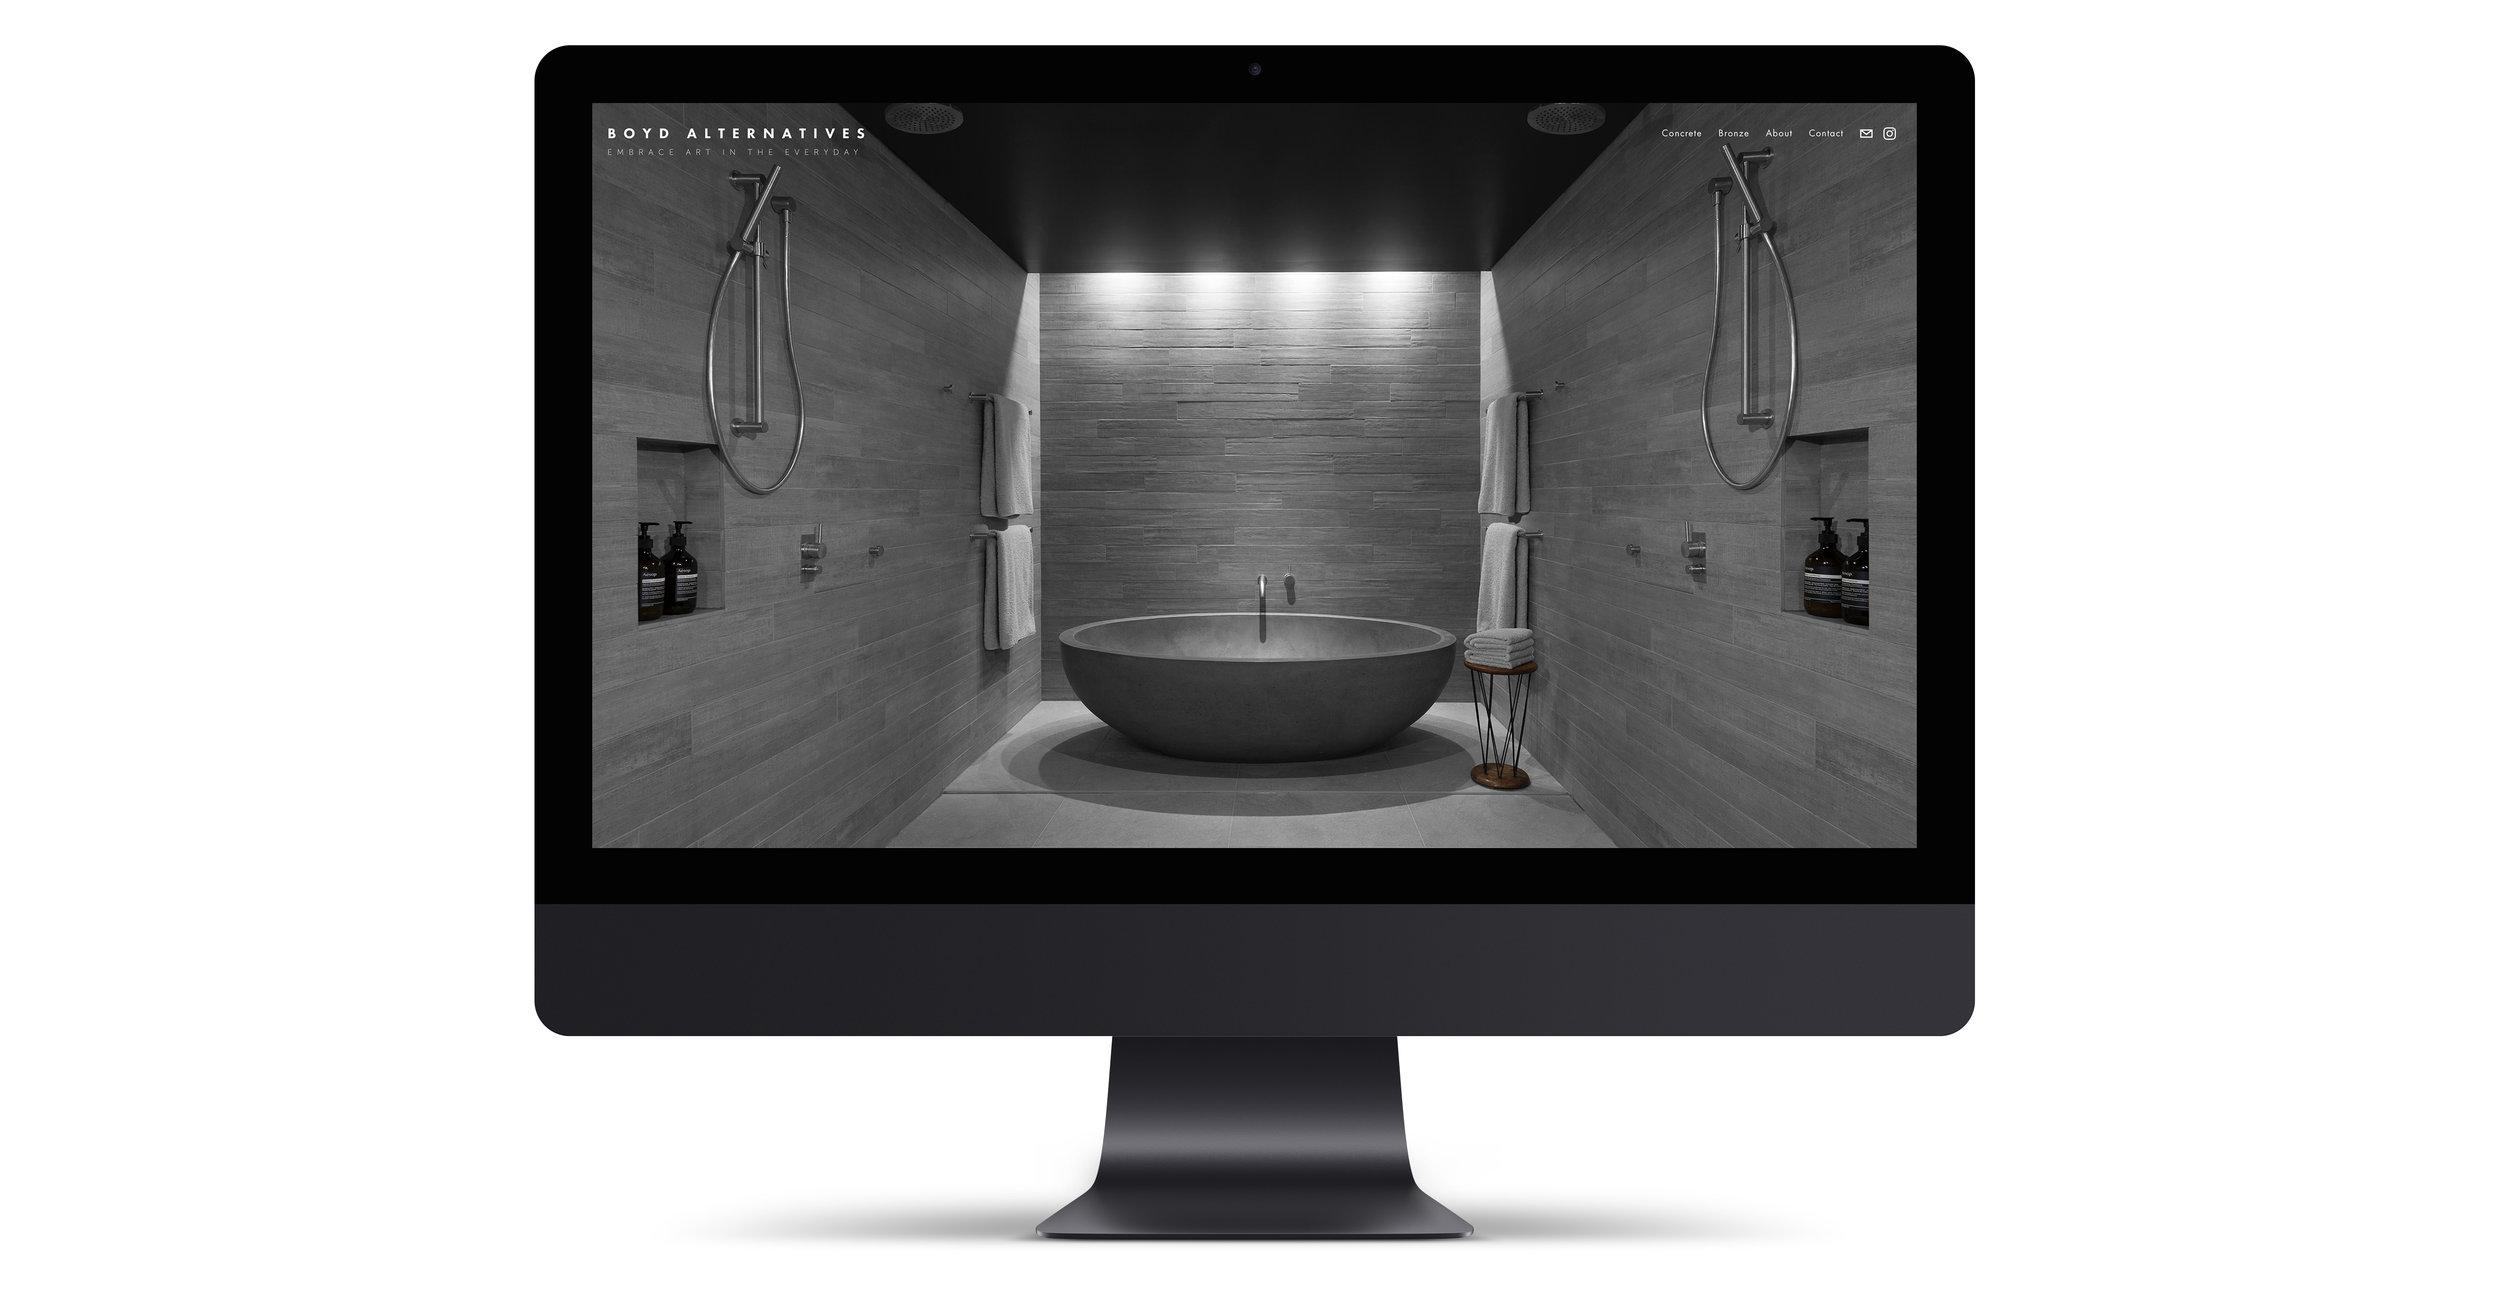 iMac-Pro-Mockup_websites_BoydAlternatives.jpg